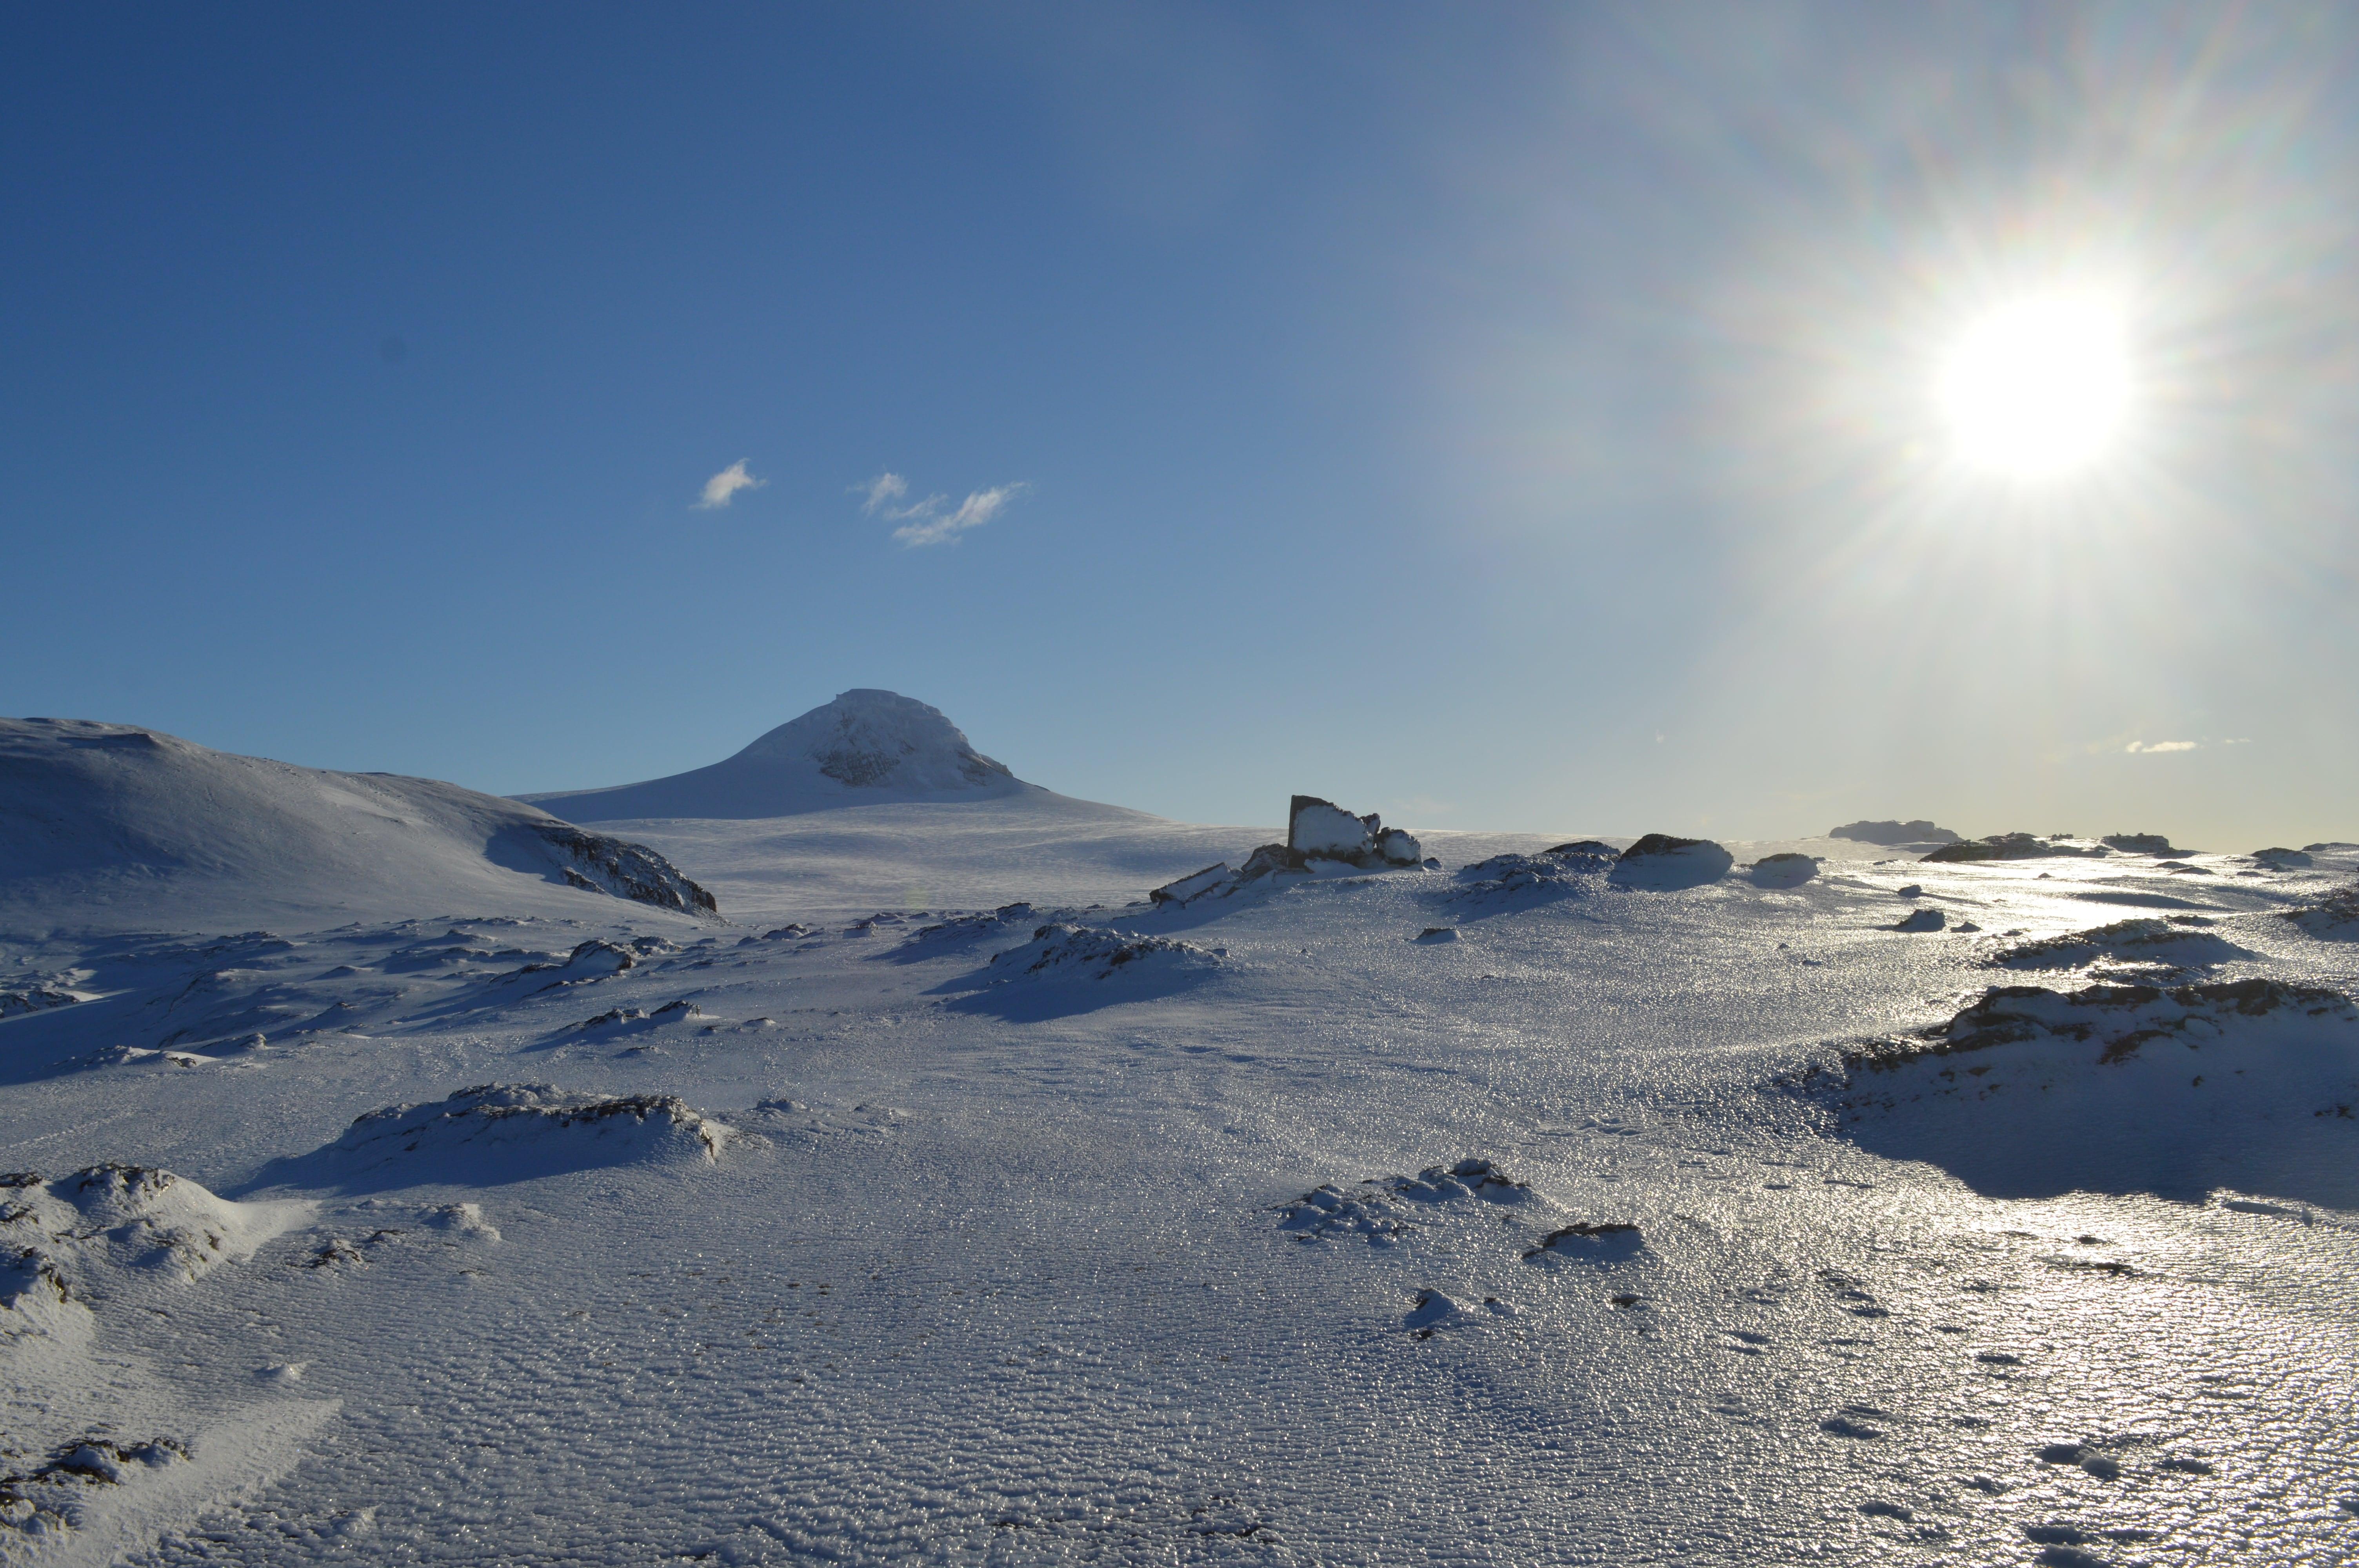 paisaje antártico con glaciares